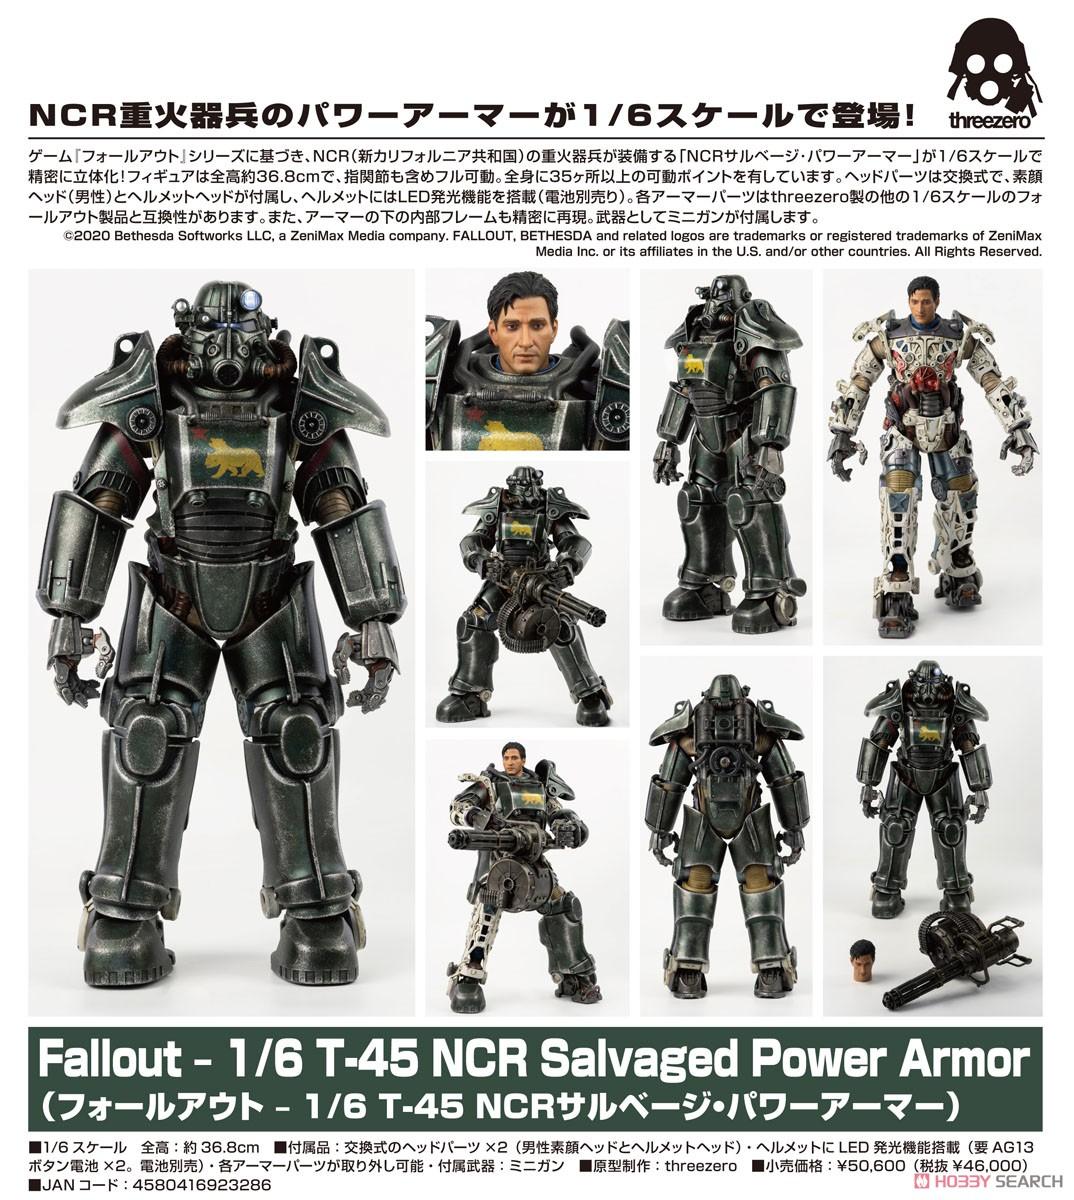 フォールアウト『T-45 NCR Salvaged Power Armor(NCRサルベージ パワーアーマー)』フォールアウト 1/6 可動フィギュア-011